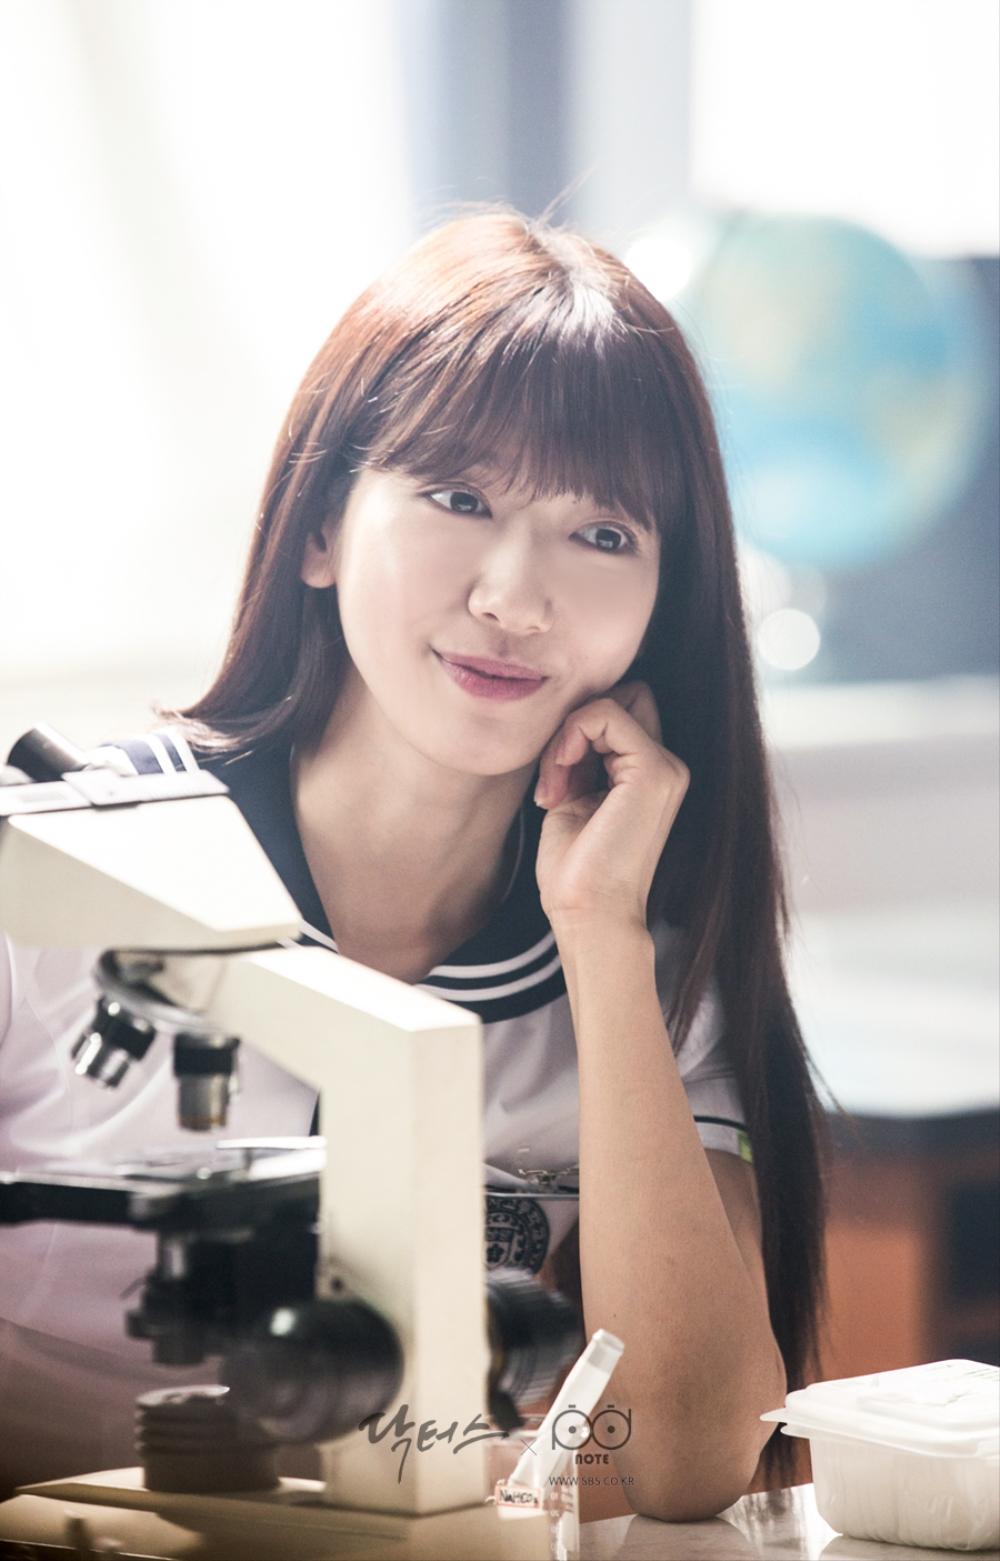 닥터스 포토스케치 과학실에서 턱 괴고 미소 지으며 앉아 있는 박신혜